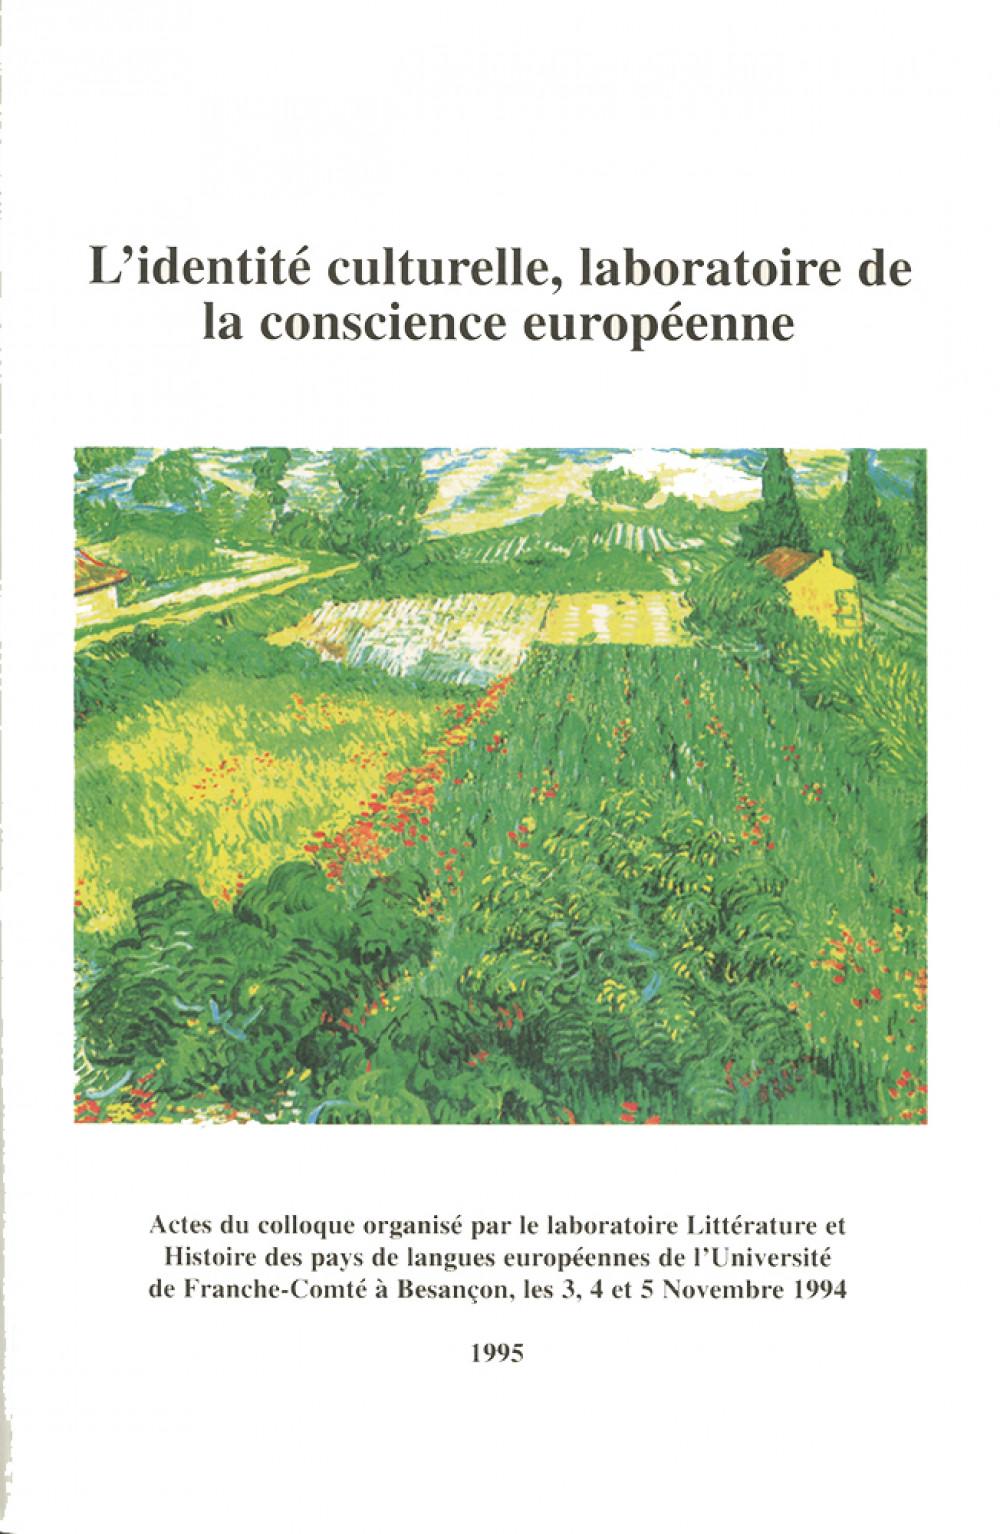 L'identité culturelle laboratoire de la conscience européenne